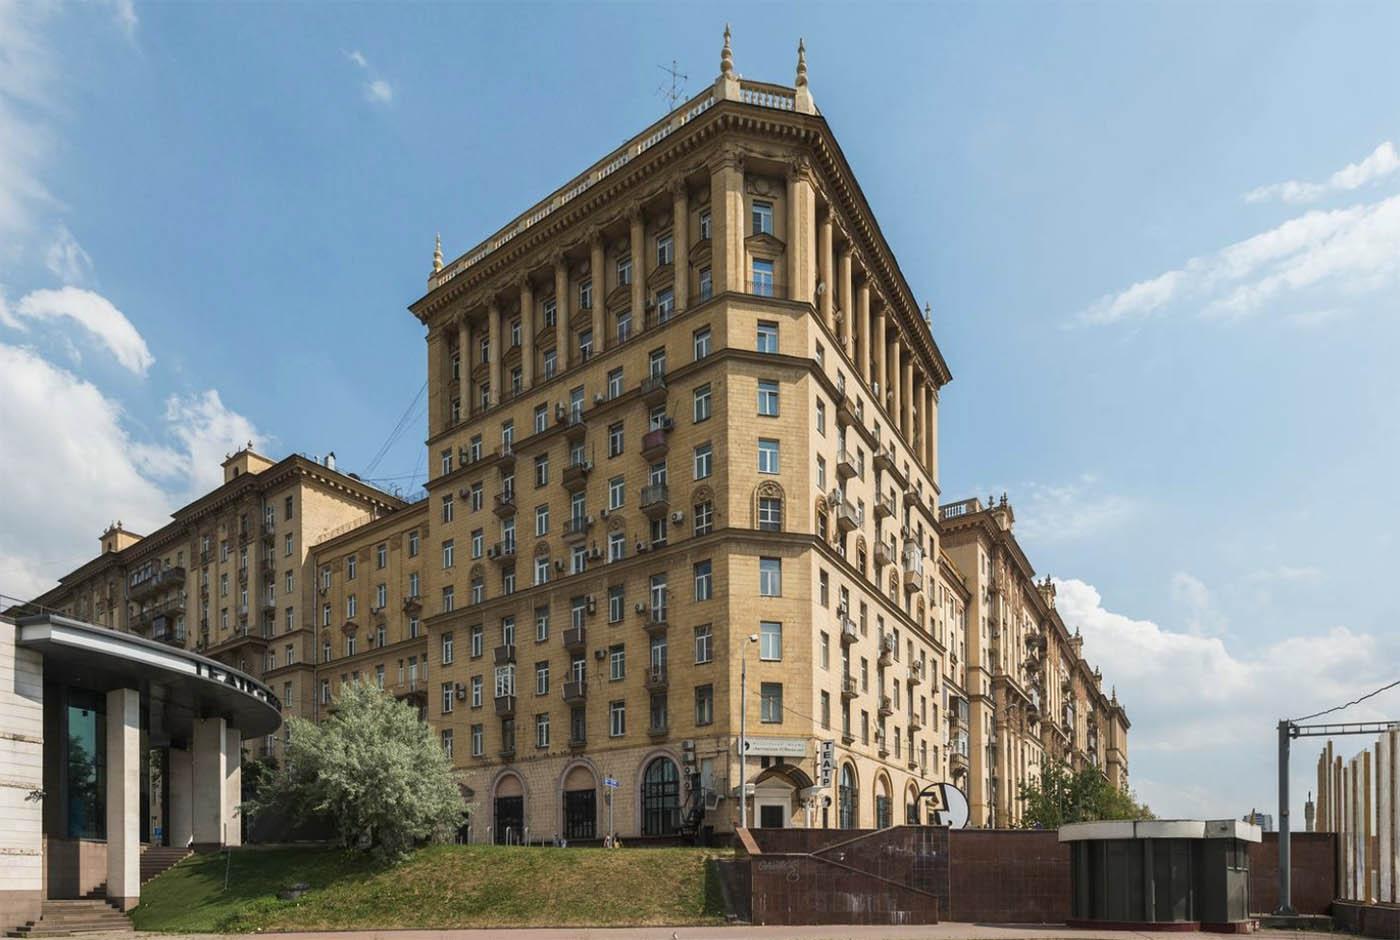 Я сдаю квартиру в этом доме на Кутузовском проспекте